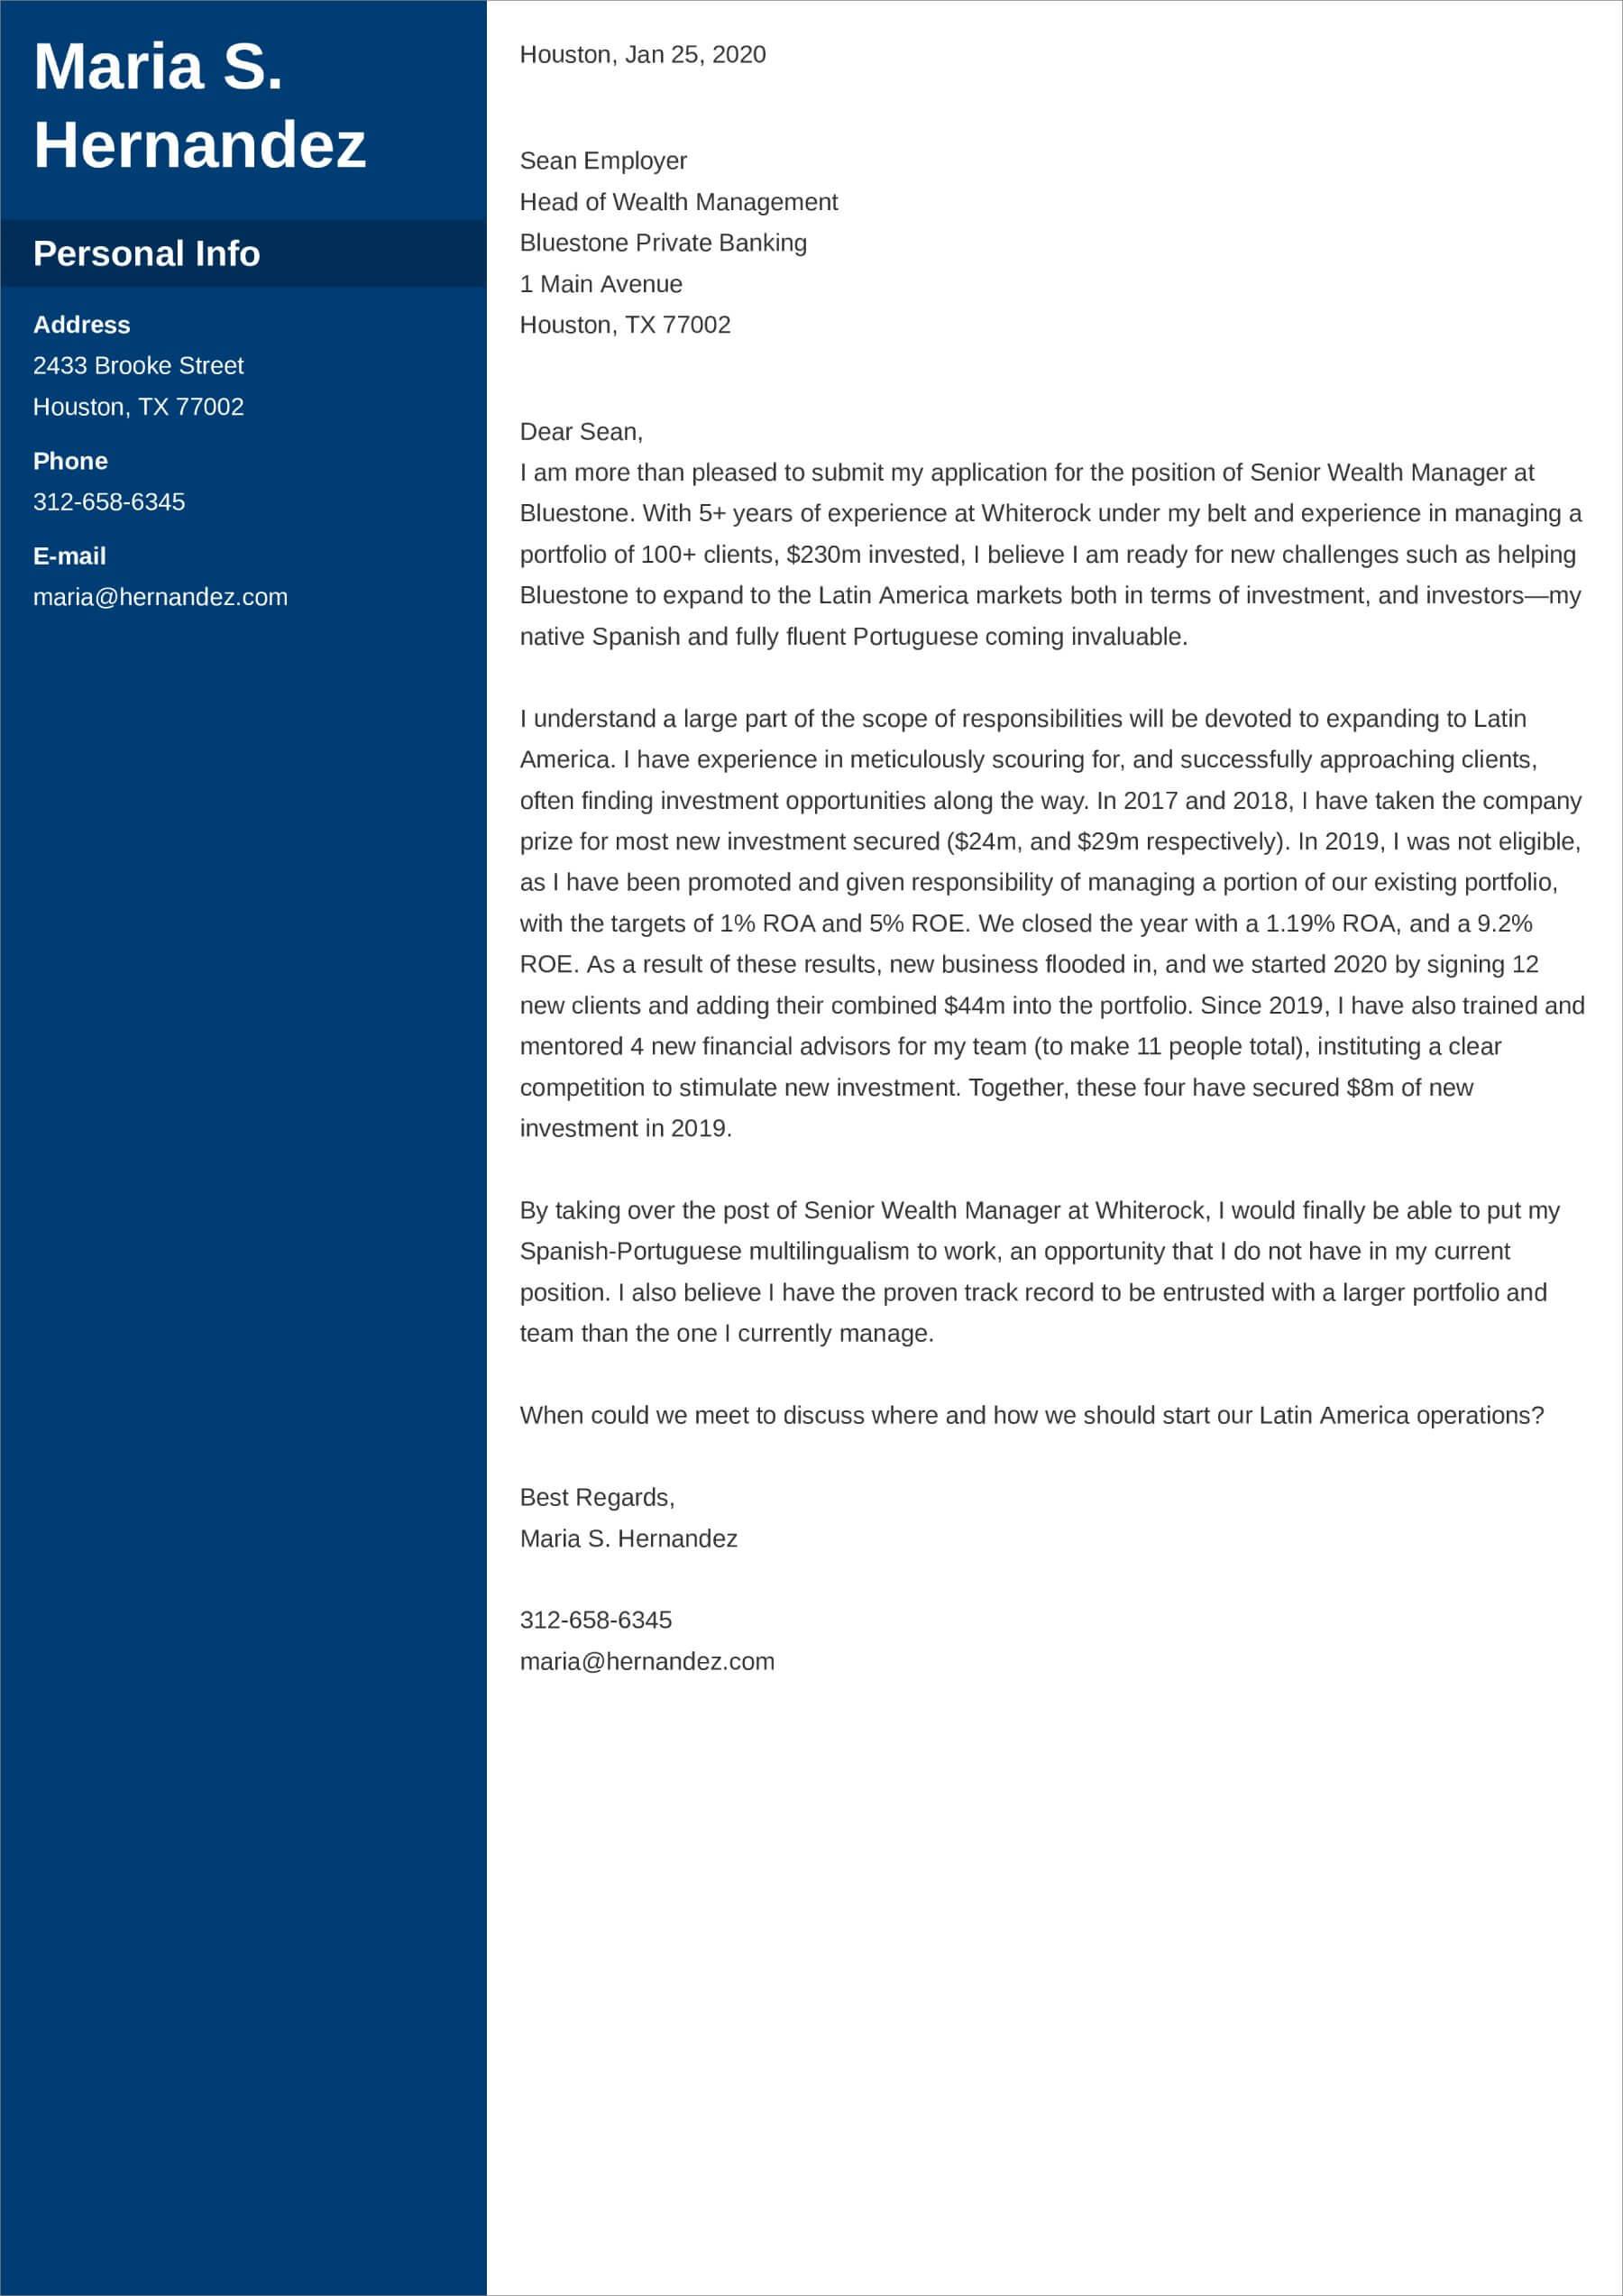 Sample Cover Letter For Finance Job from cdn-images.resumelab.com